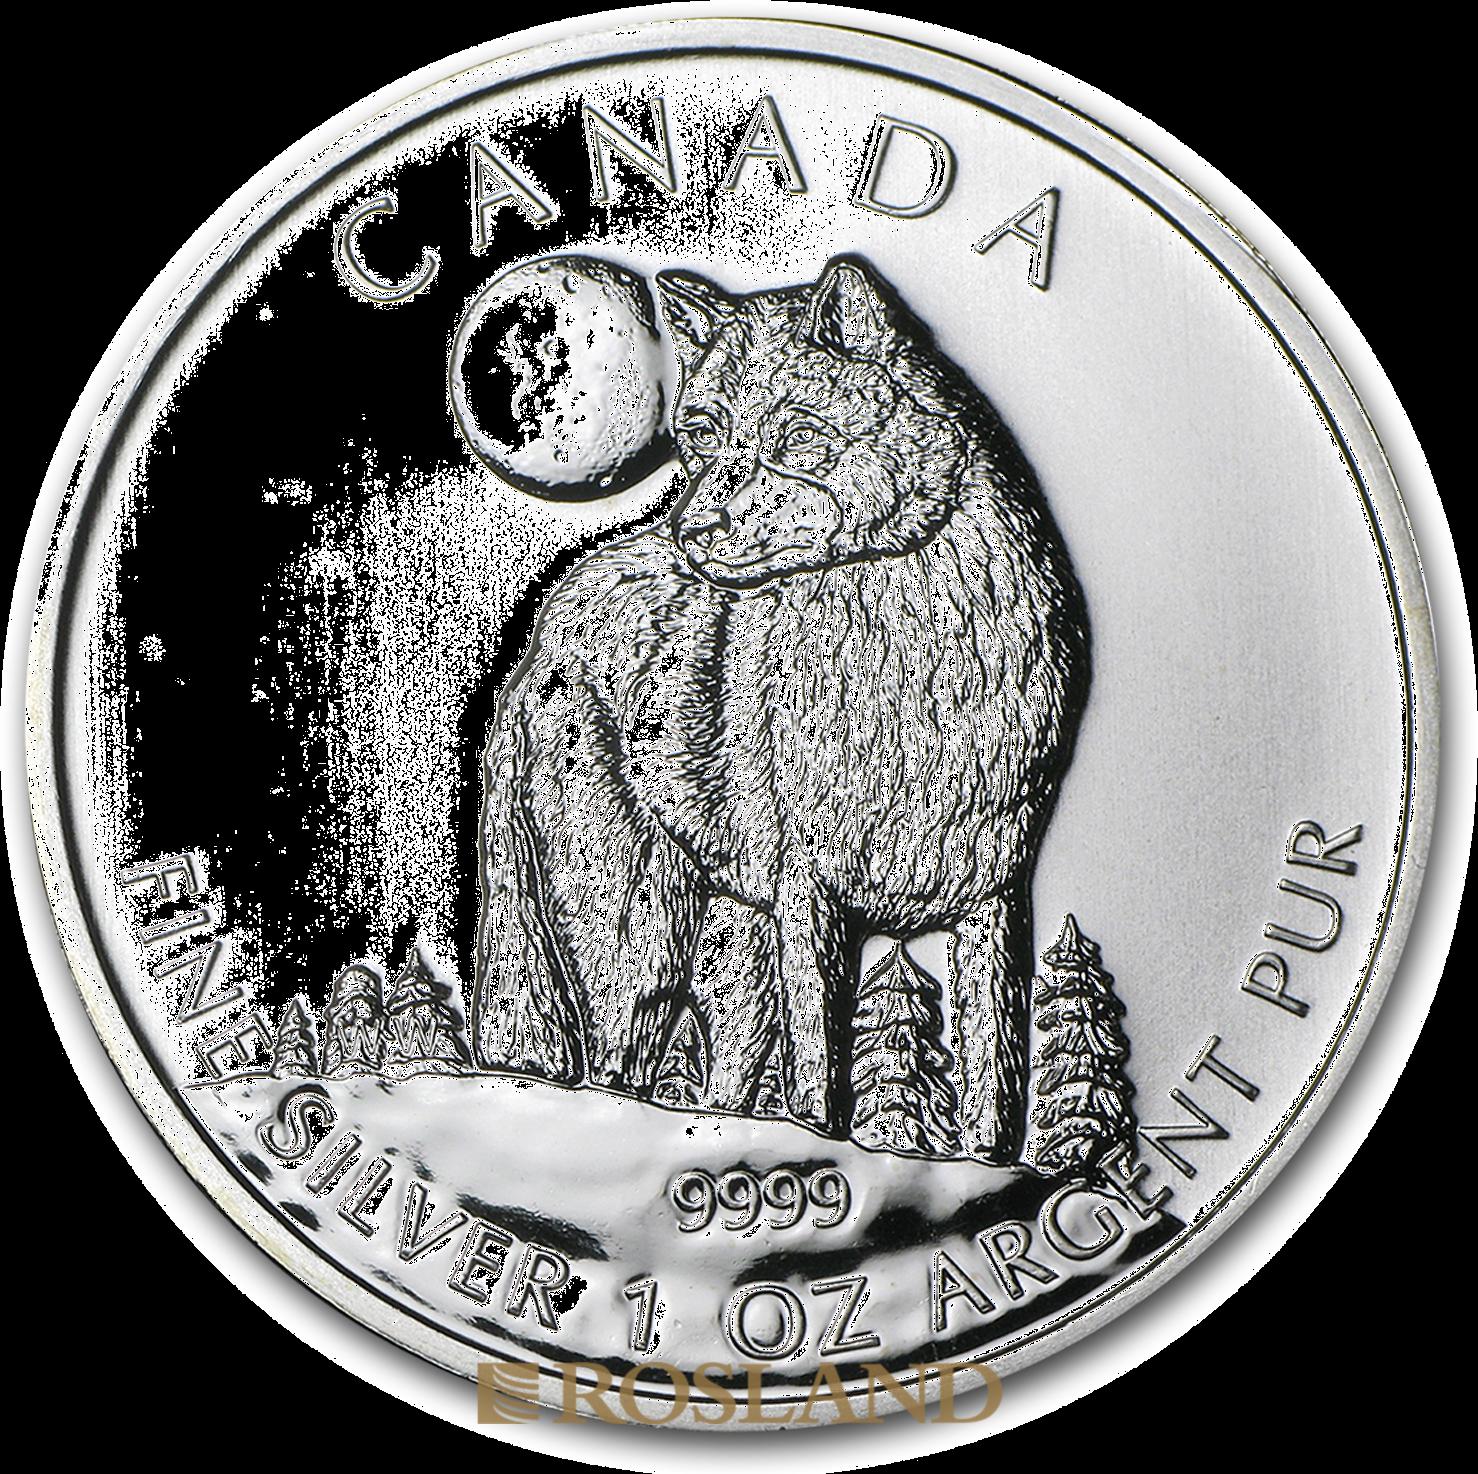 1 Unze Silbermünze Wildlife Wolf 2011